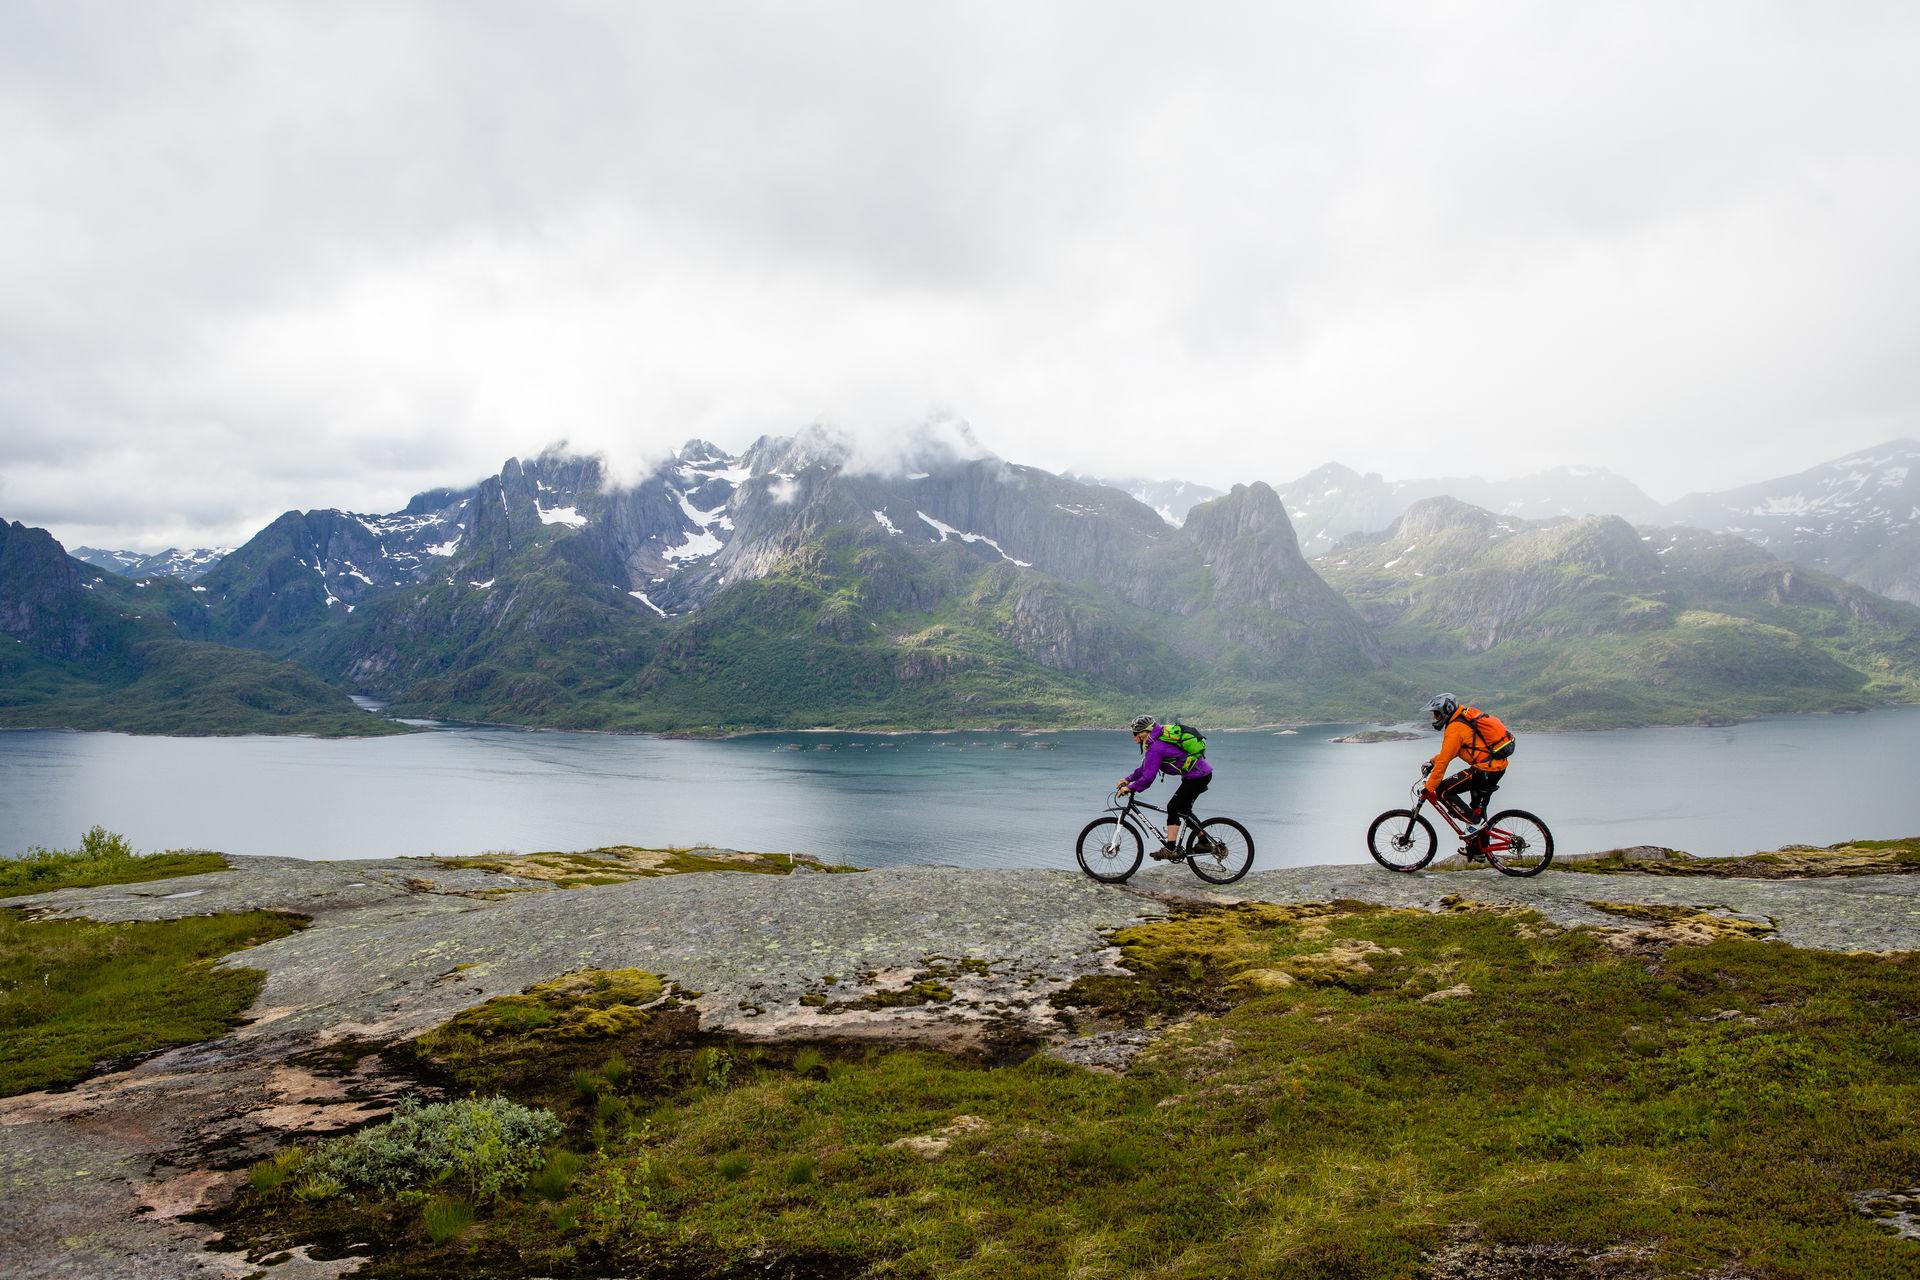 Mountain biking in Lofoten with friends © Kristin Folsland Olsen